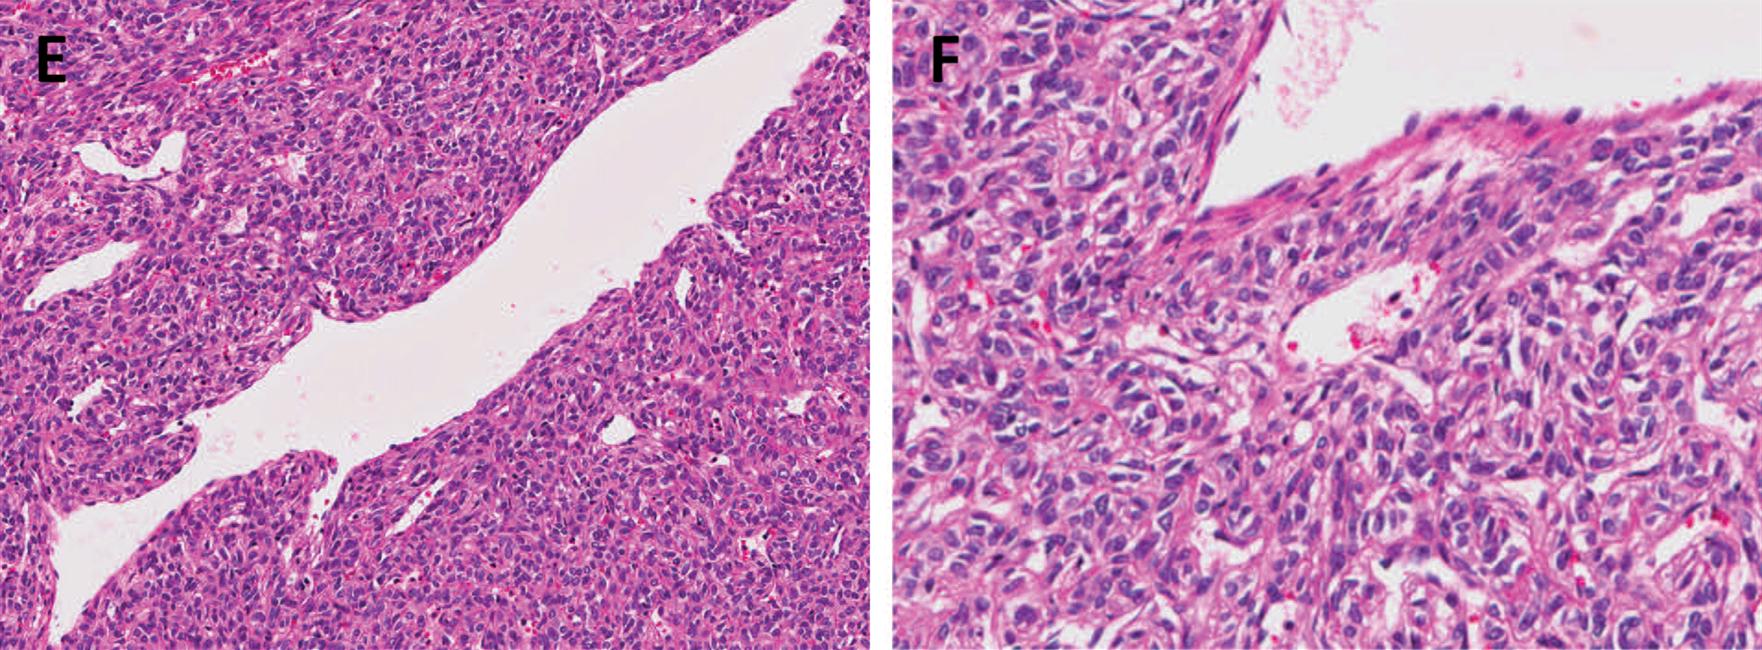 孤立性纤维性肿瘤-看这篇就够了(二)